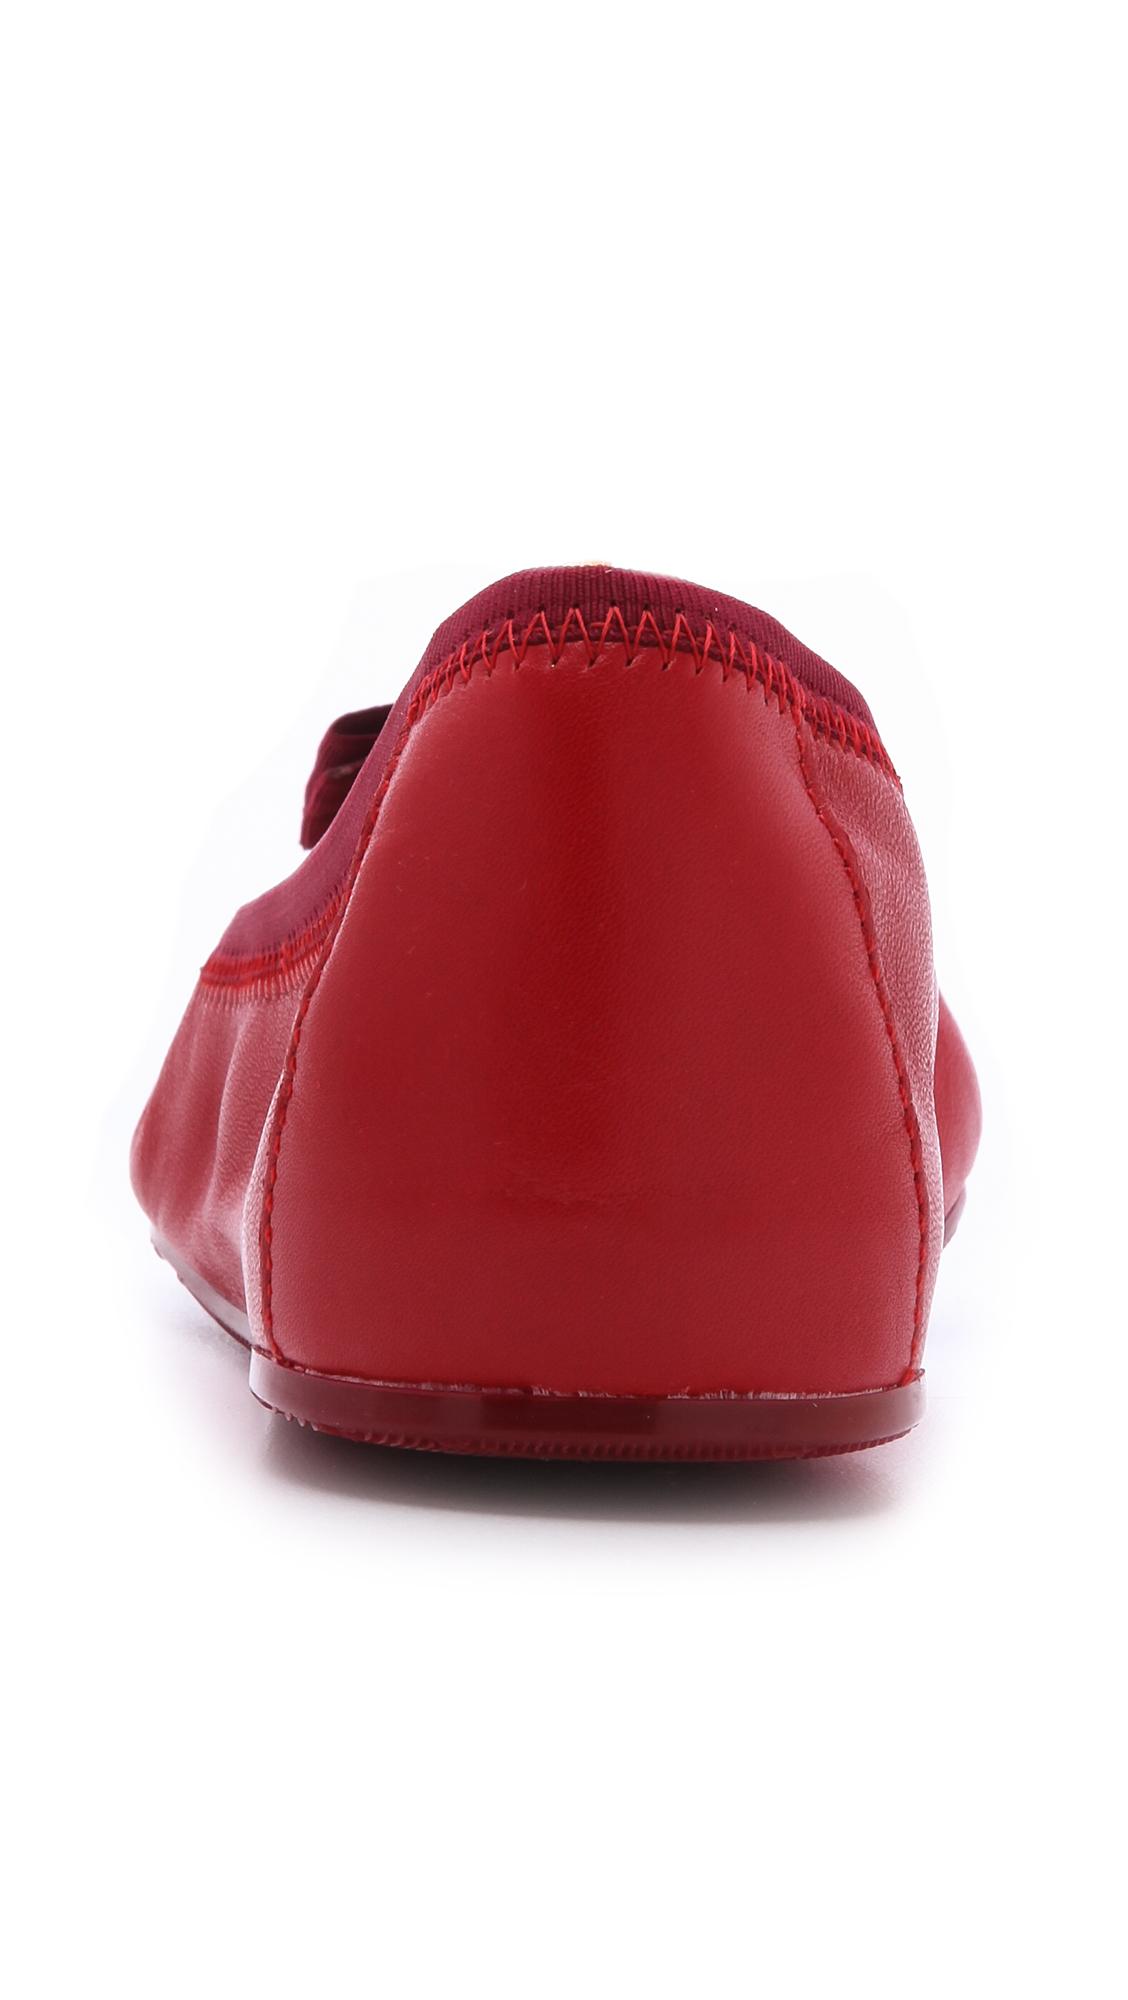 2c5f3d2ba20fd Ferragamo My Joy Ballet Flats - Rosso in Red - Lyst